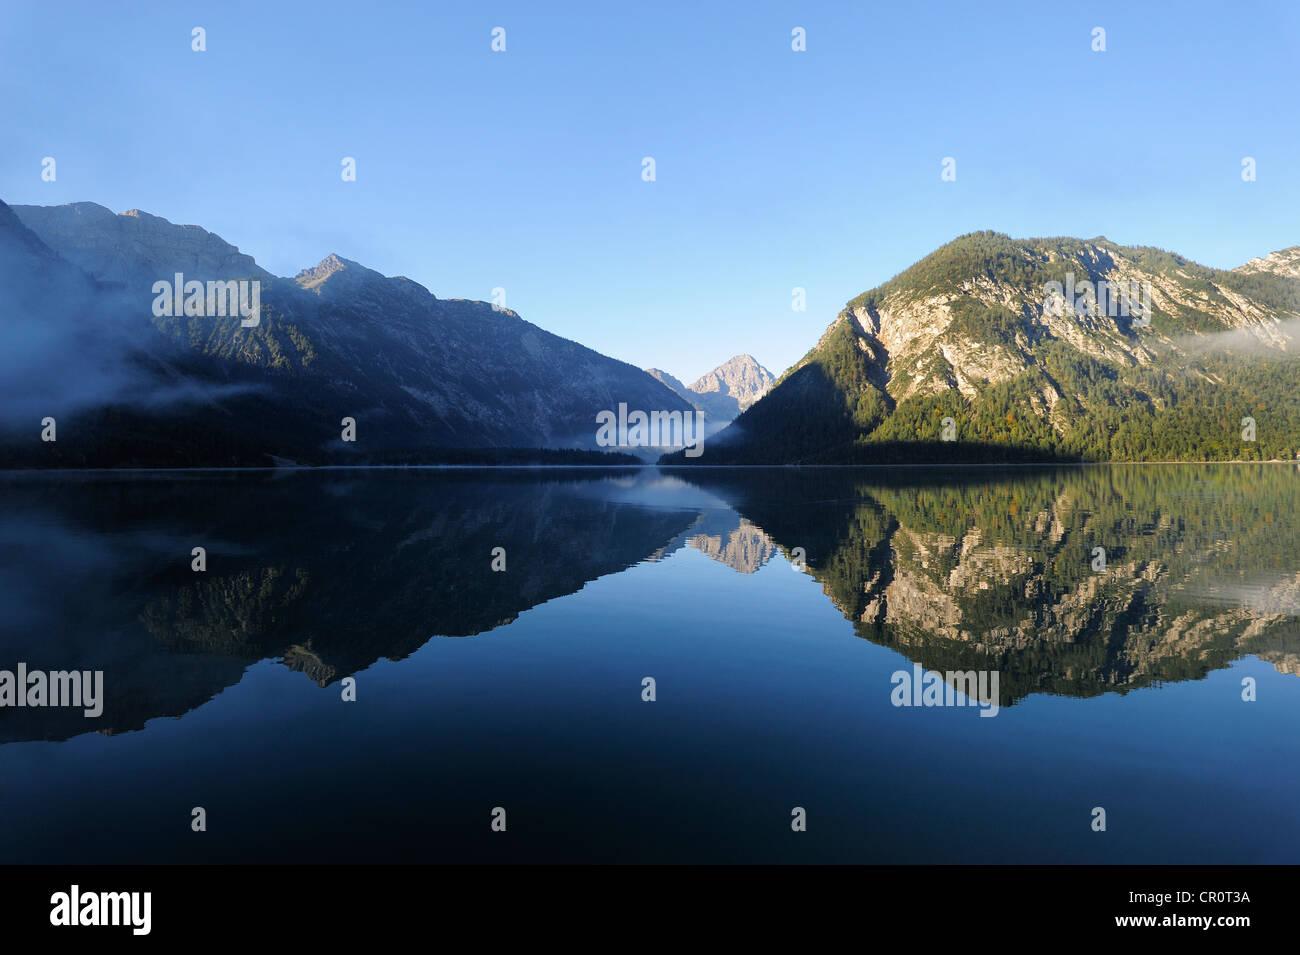 Lac Plansee, Alpes, Ammergebirge montagnes, à l'égard de la montagne Thaneller les Alpes de Lechtal, Photo Stock